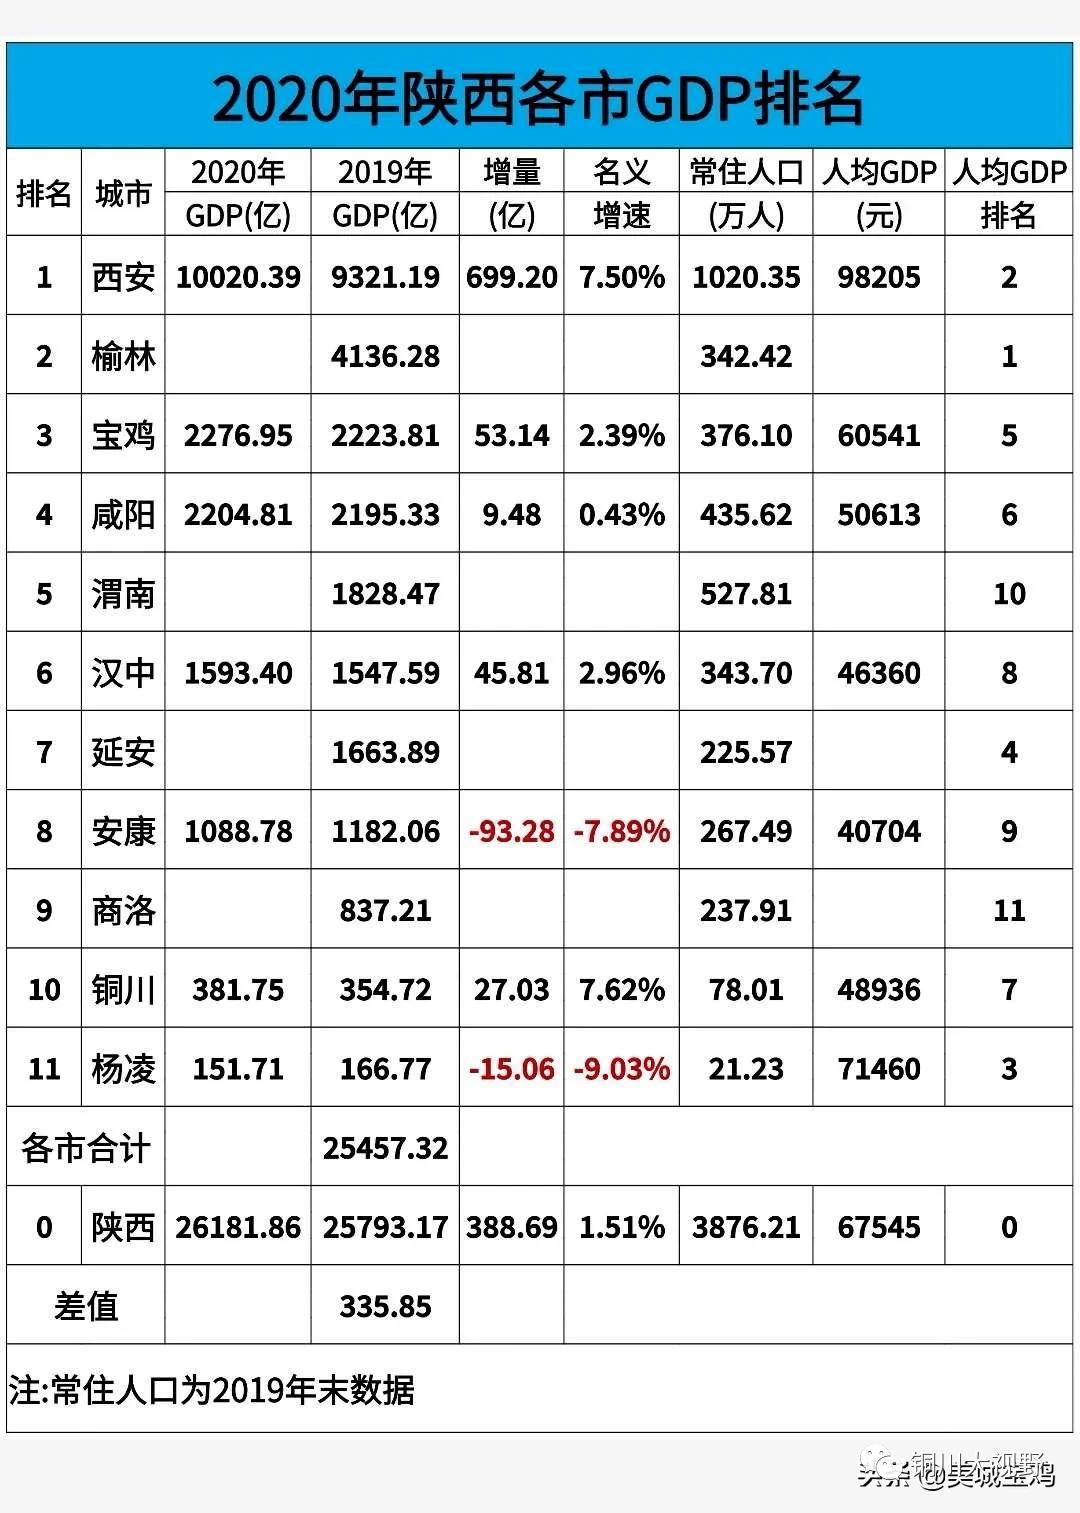 陕西省各个区县gdp排名2020_陕西省政区图